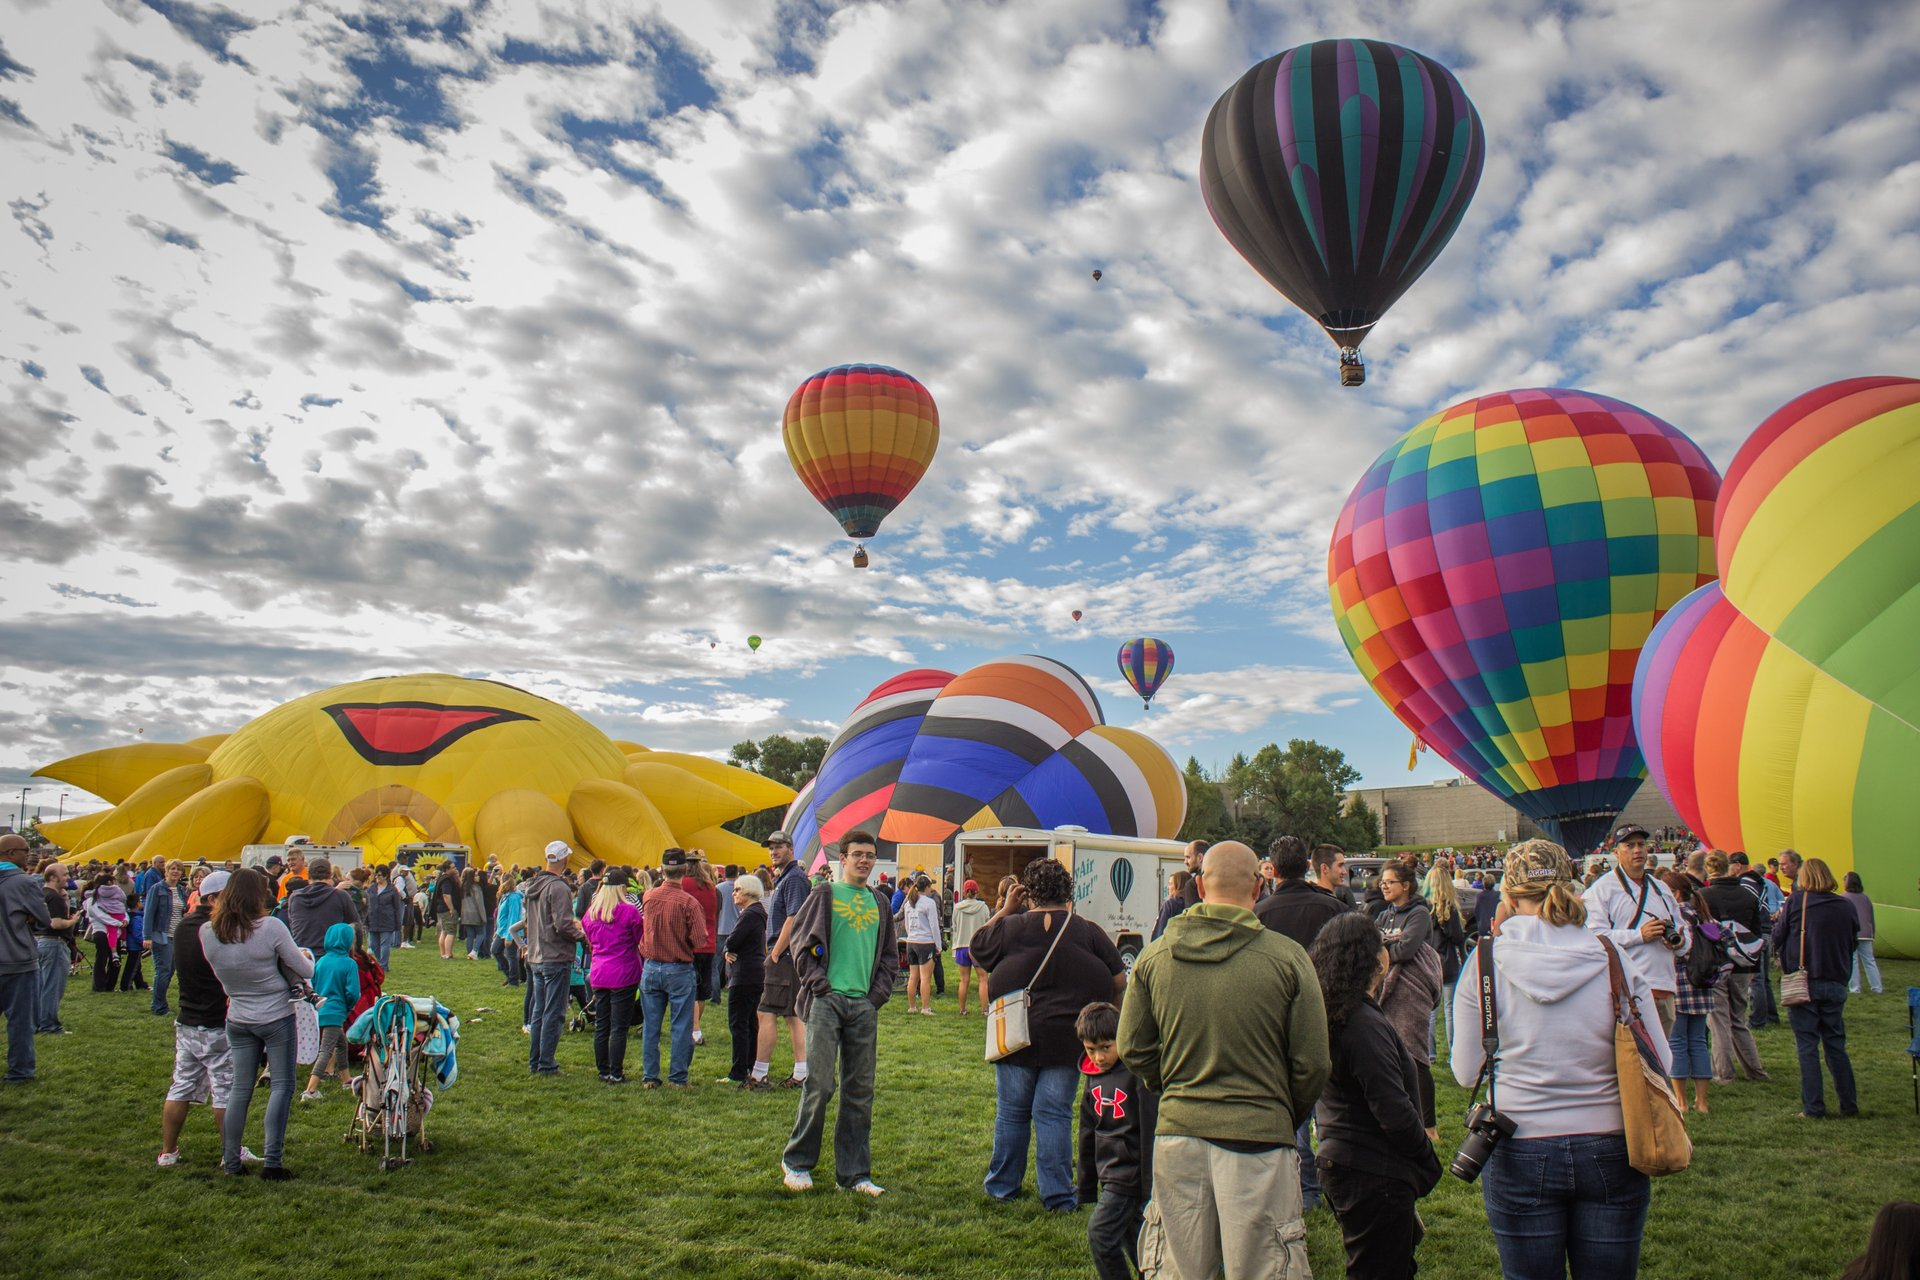 Colorado Springs Labor Day Lift Off in Colorado - Best Season 2019